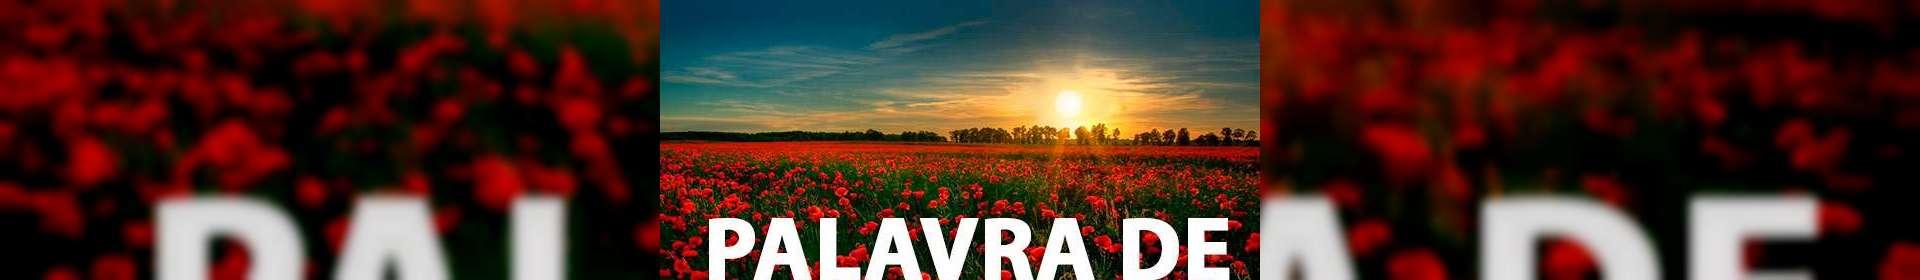 Salmos 18:6 - Uma Palavra de Esperança para sua vida